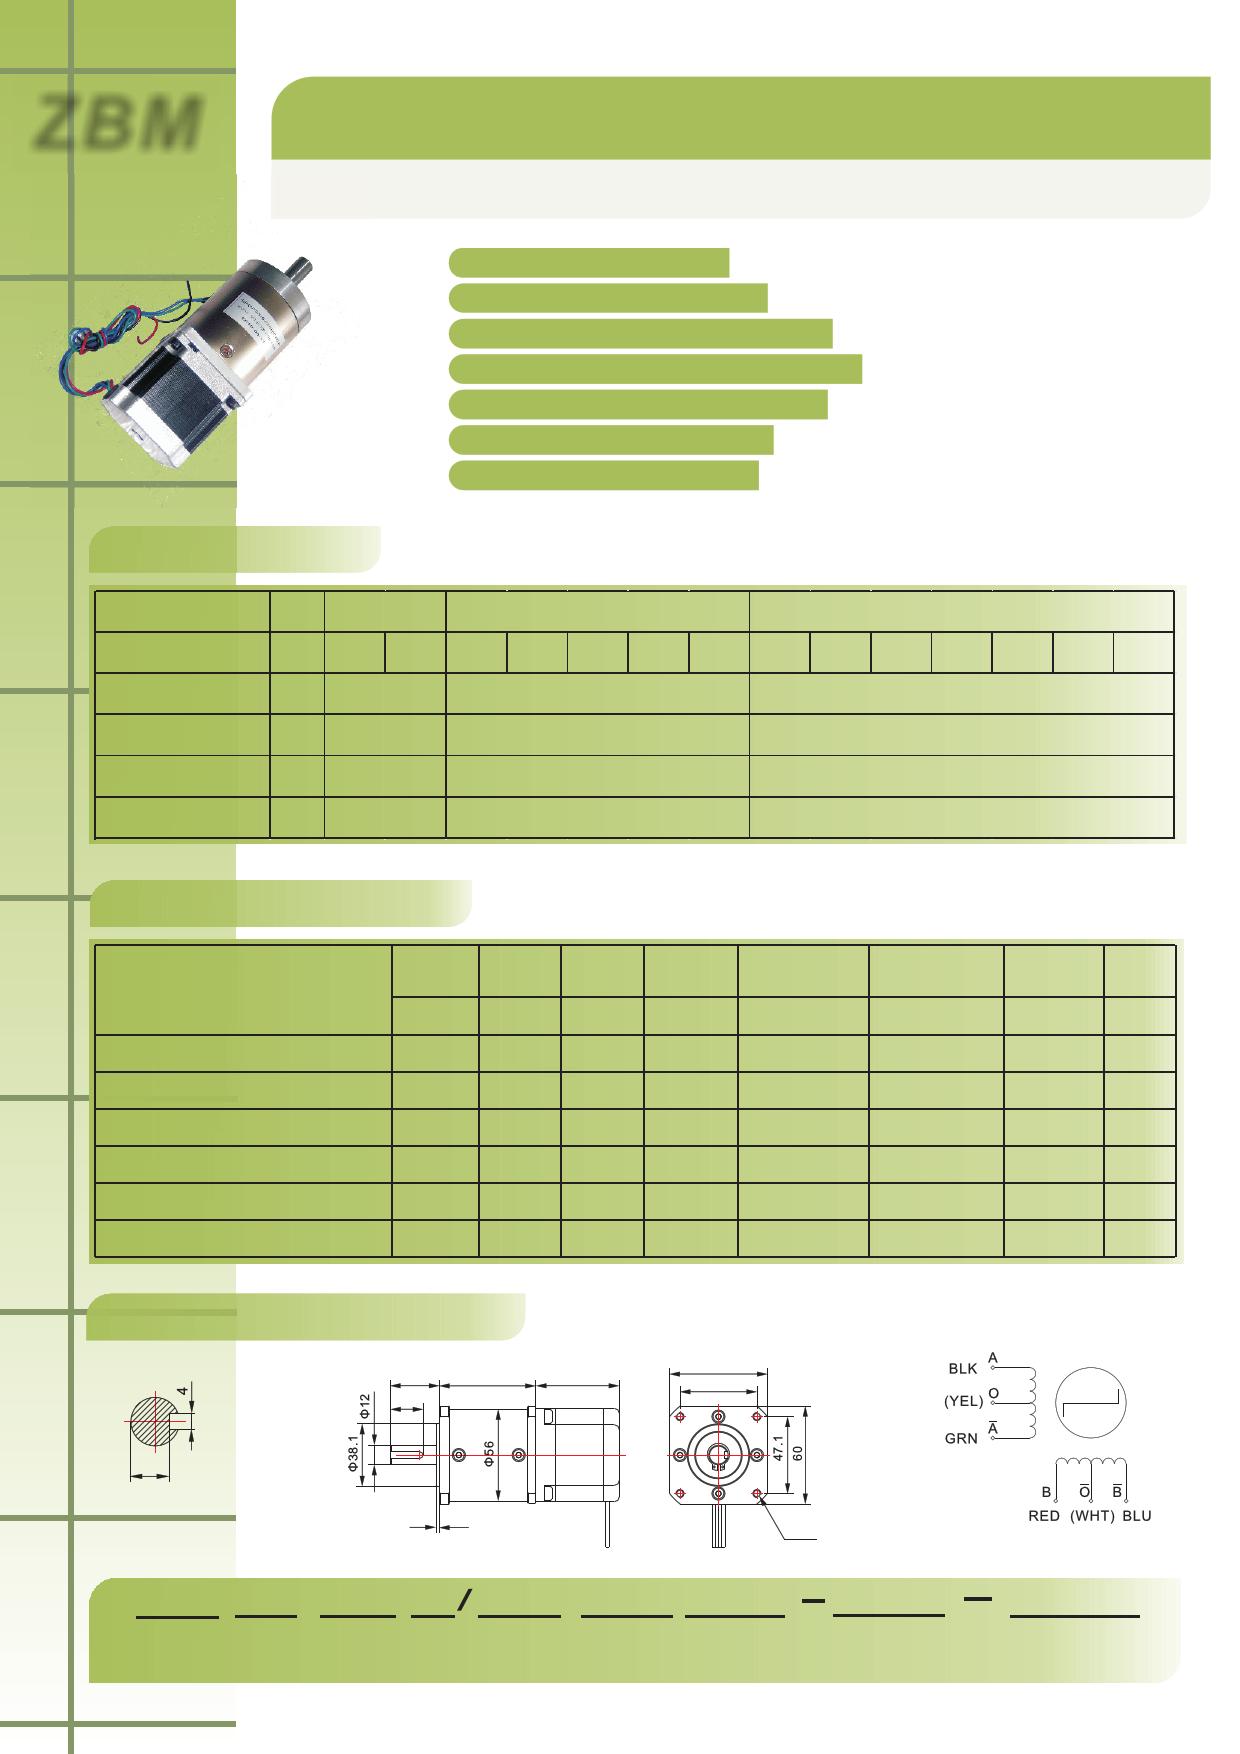 57BYGH51-144-4B datasheet, circuit